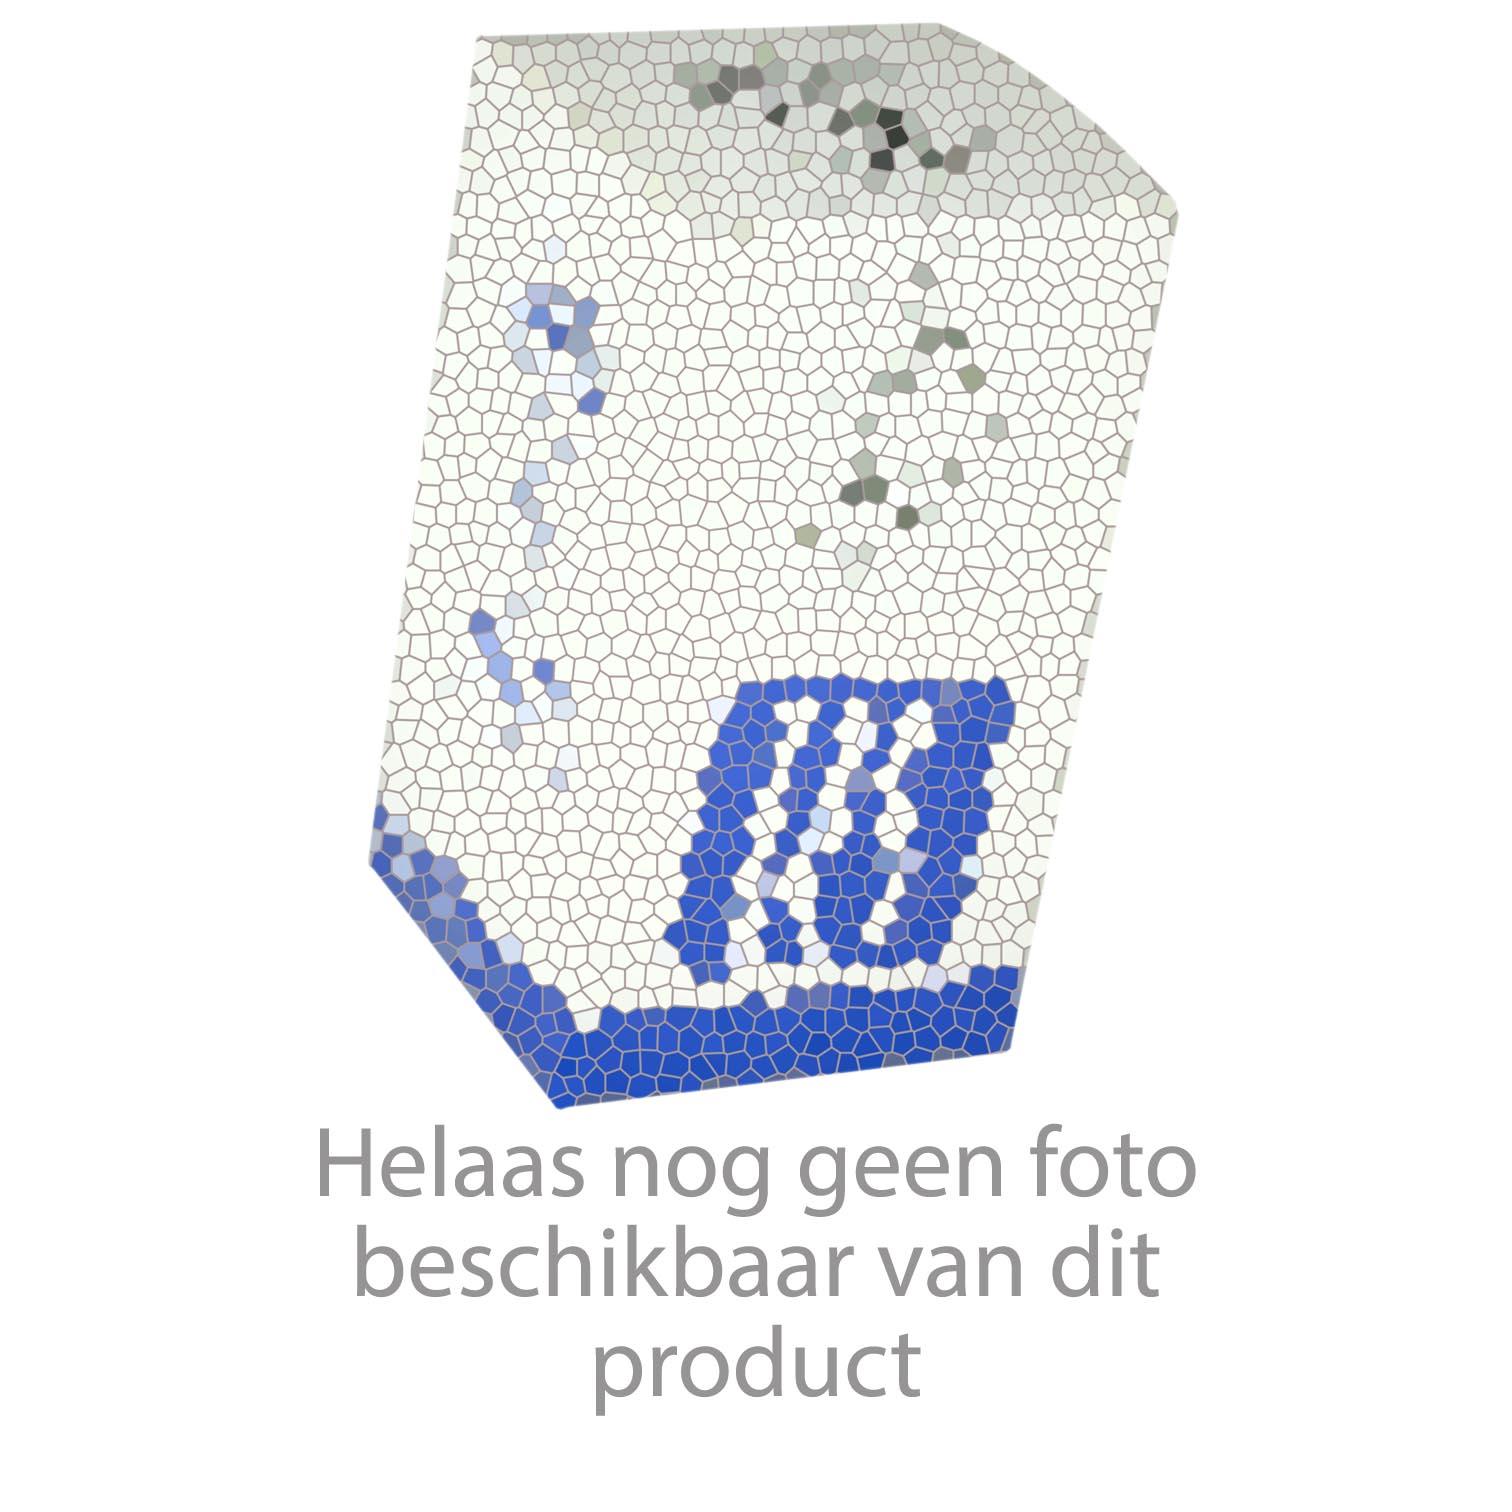 VSH Sleutel GK-Serie vorstvrije buitenkraan metaal